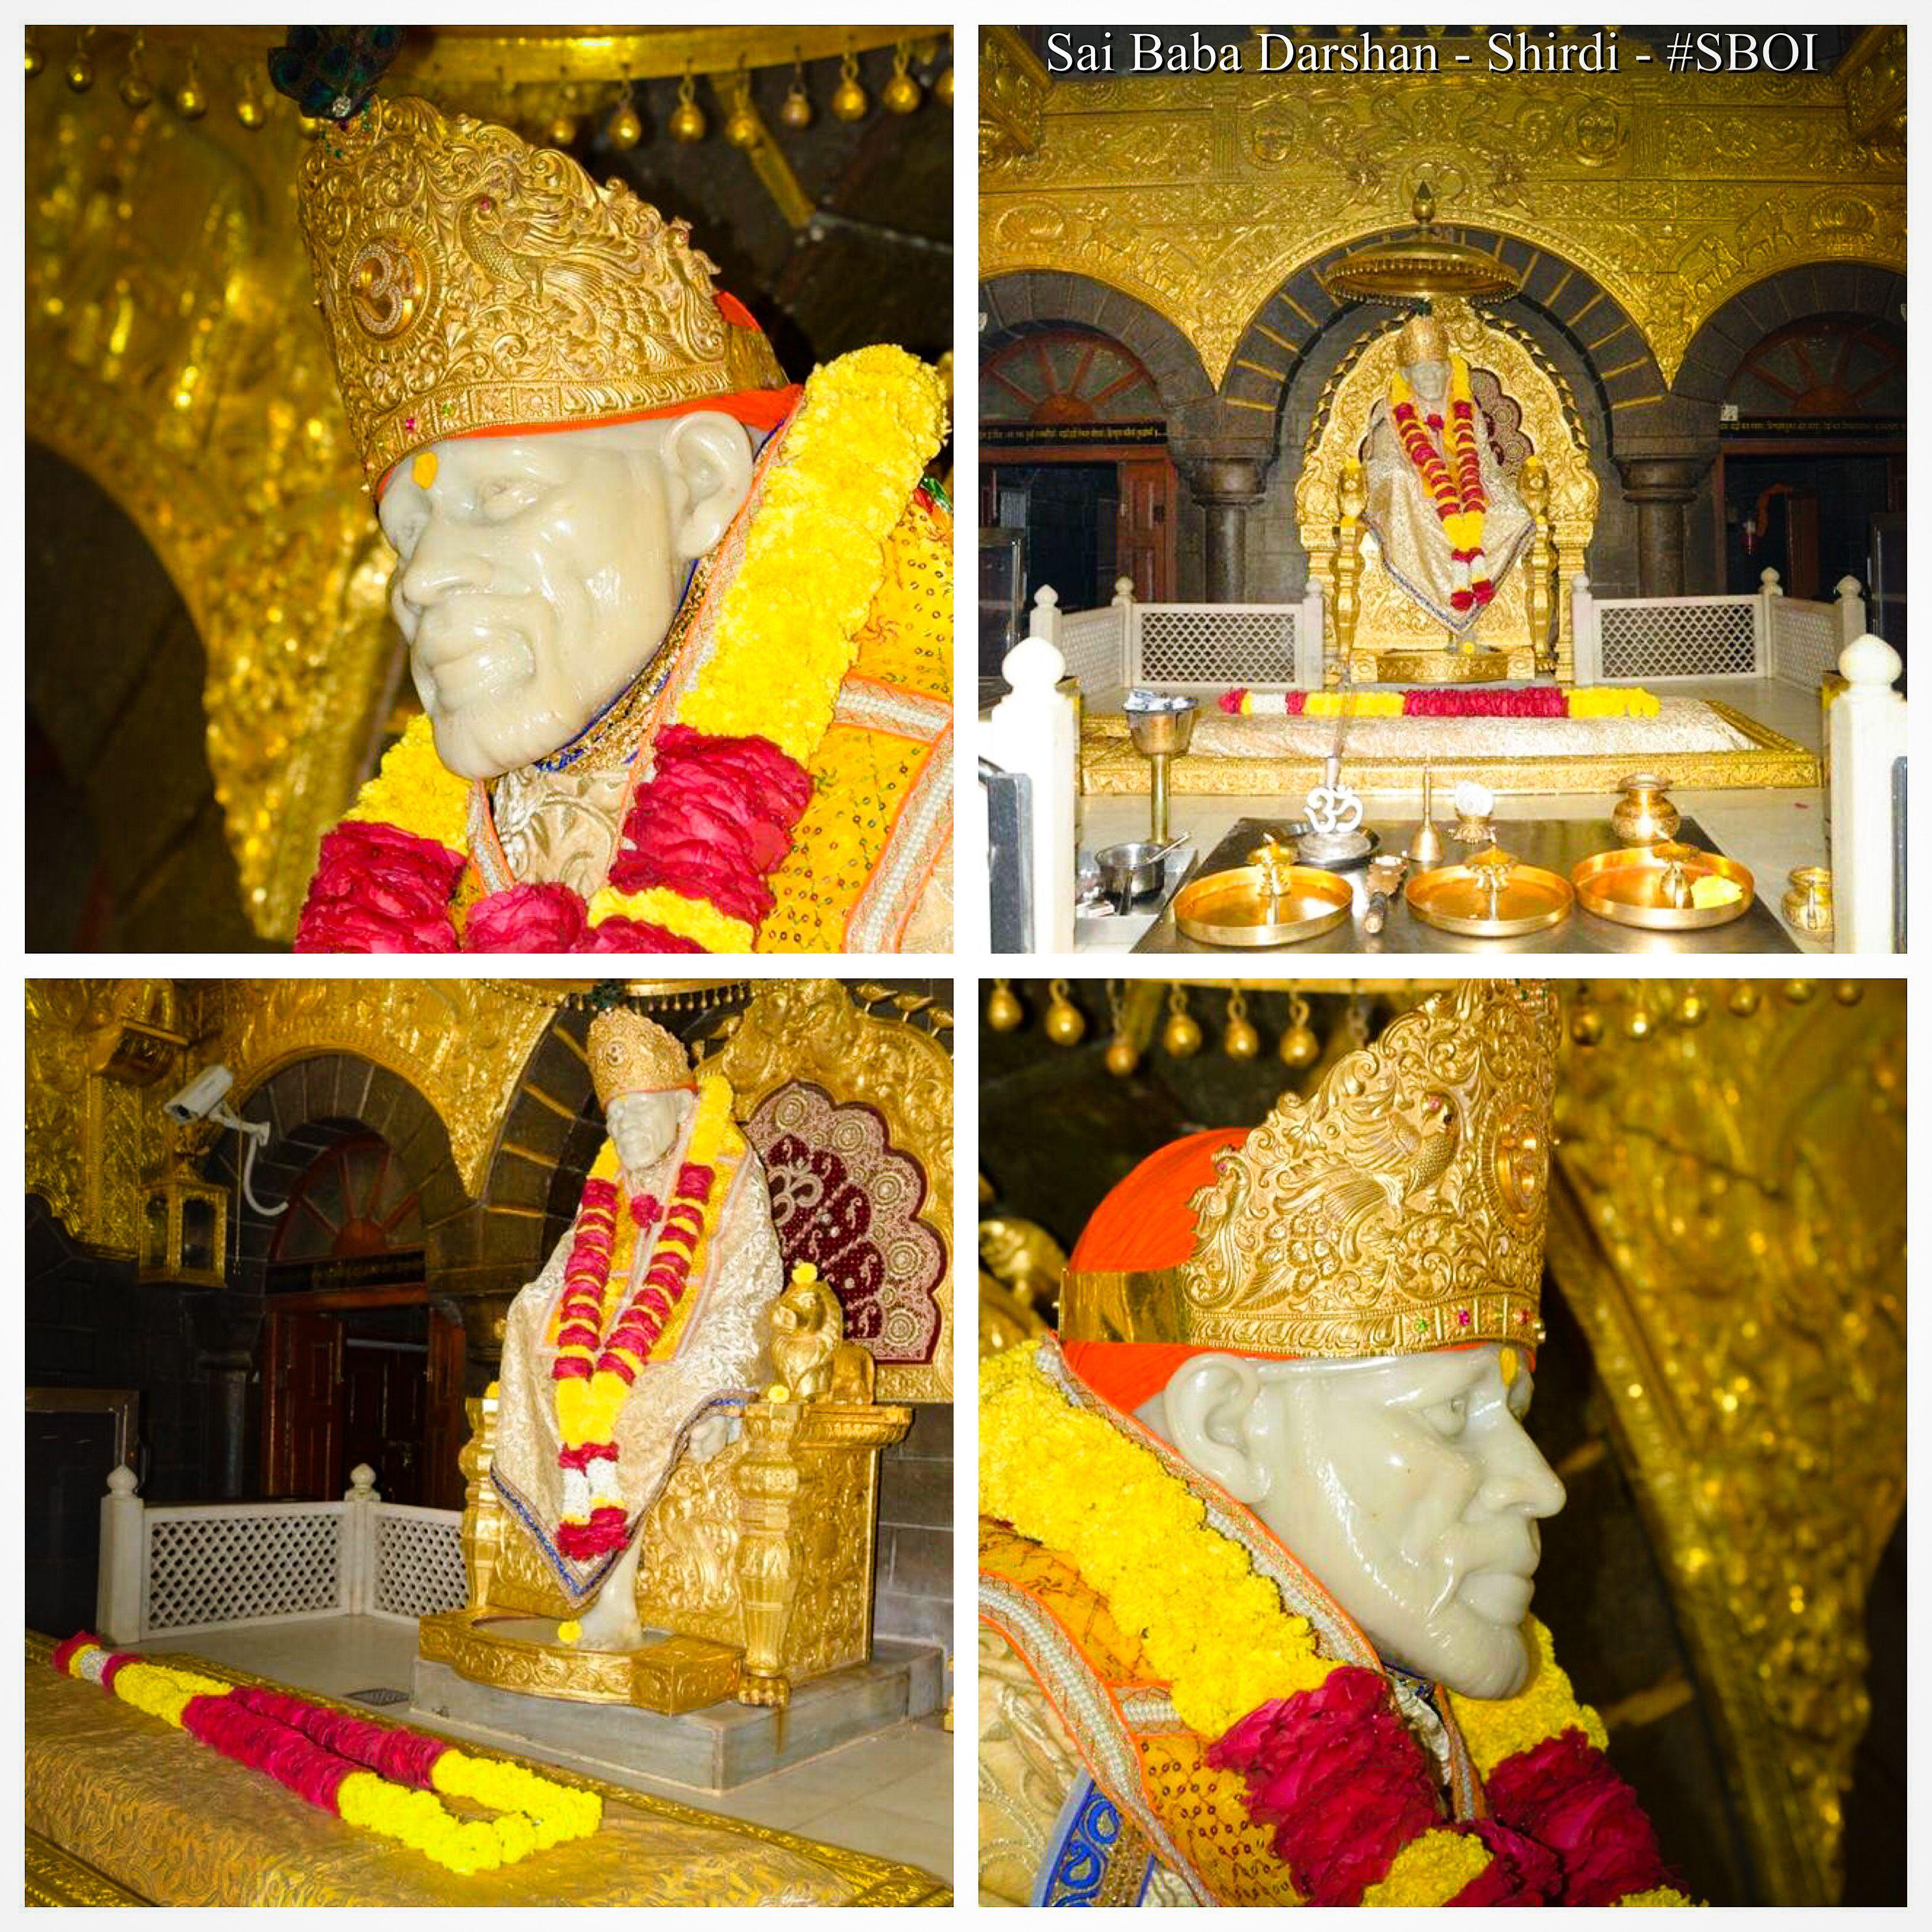 Sai Baba Darshan Today from Shirdi Samadhi Mandir - 7/1/2018